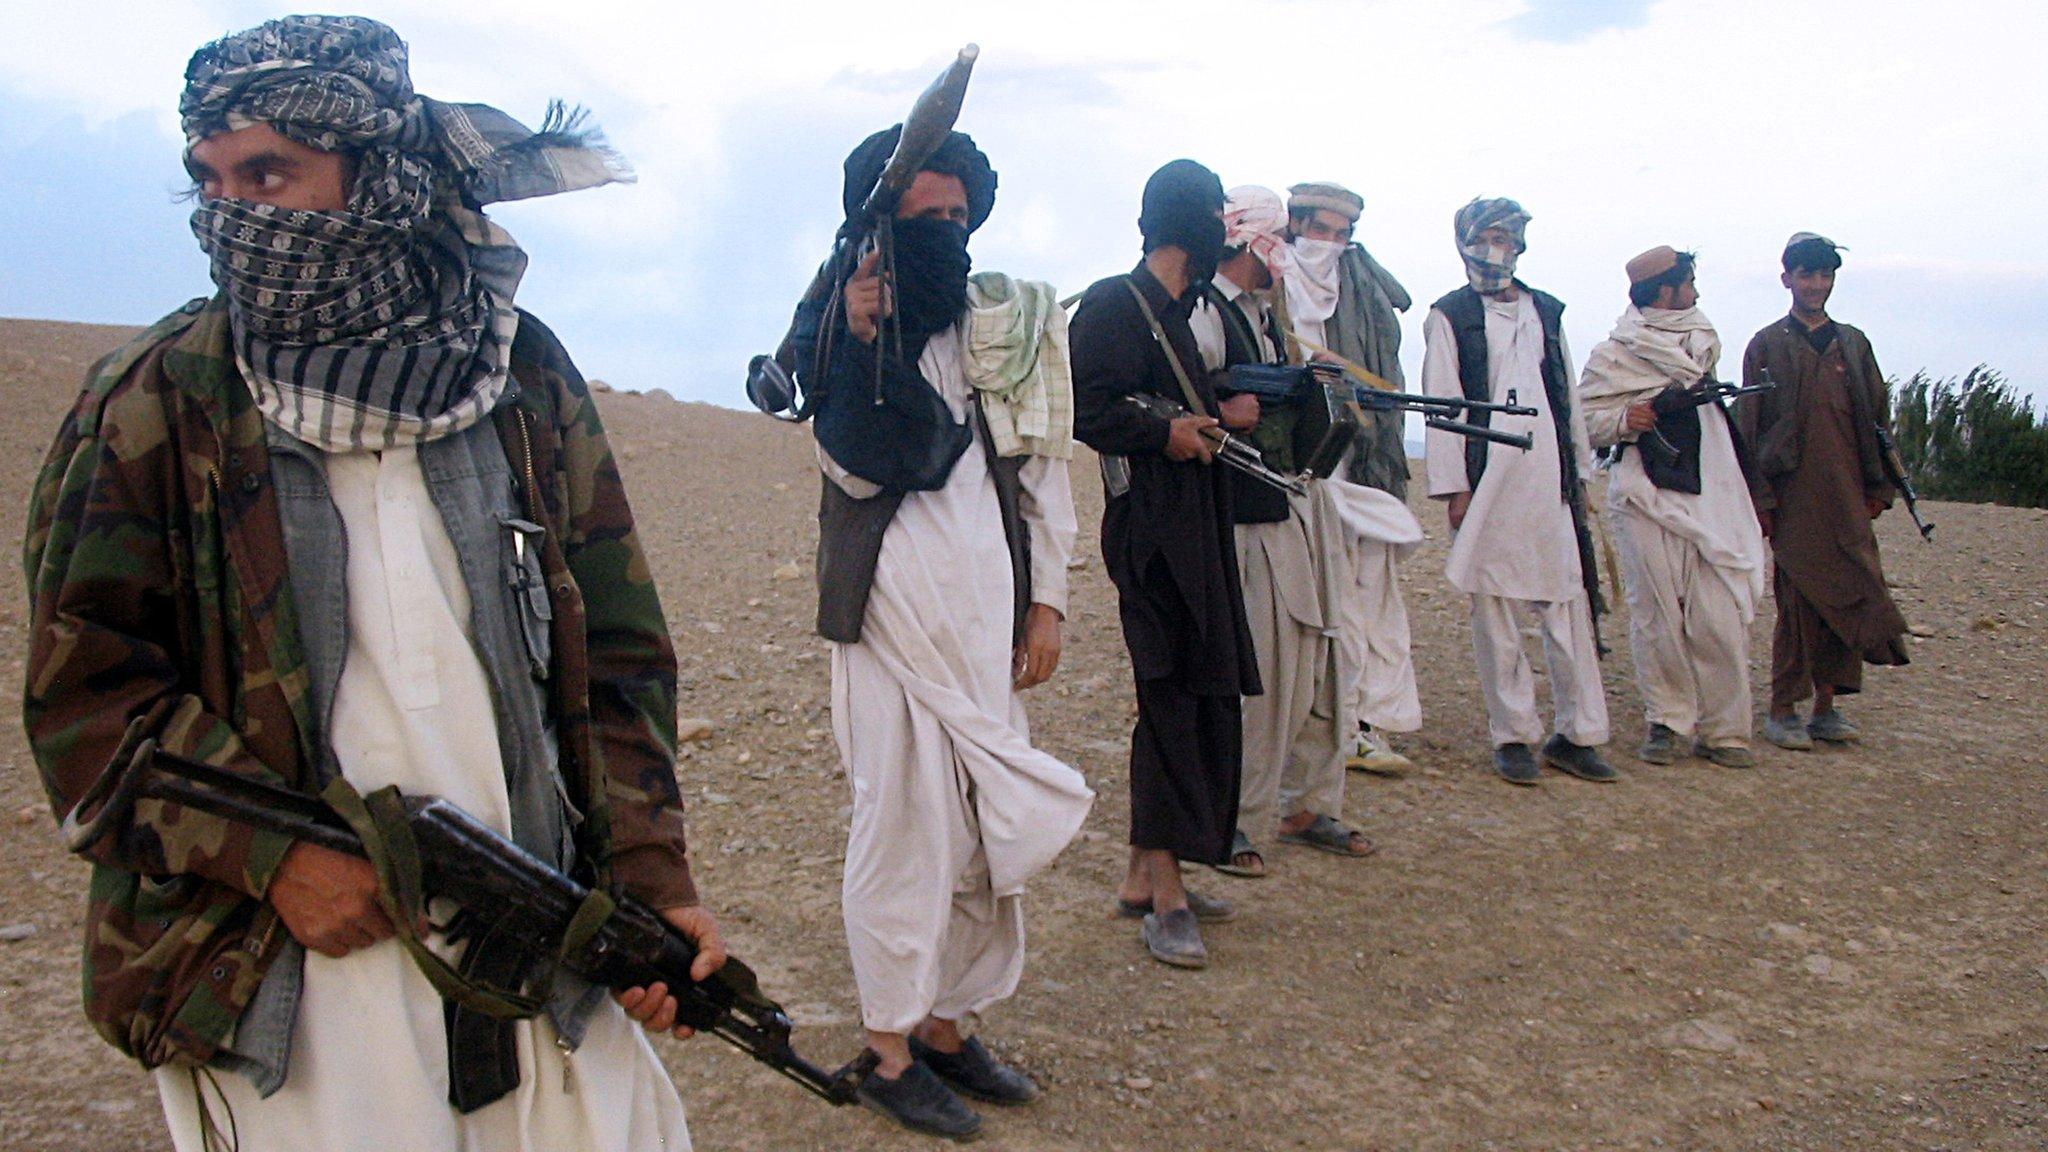 আফগানিস্তানে কাবুলের আরও কাছে তালিবান জঙ্গিরা !